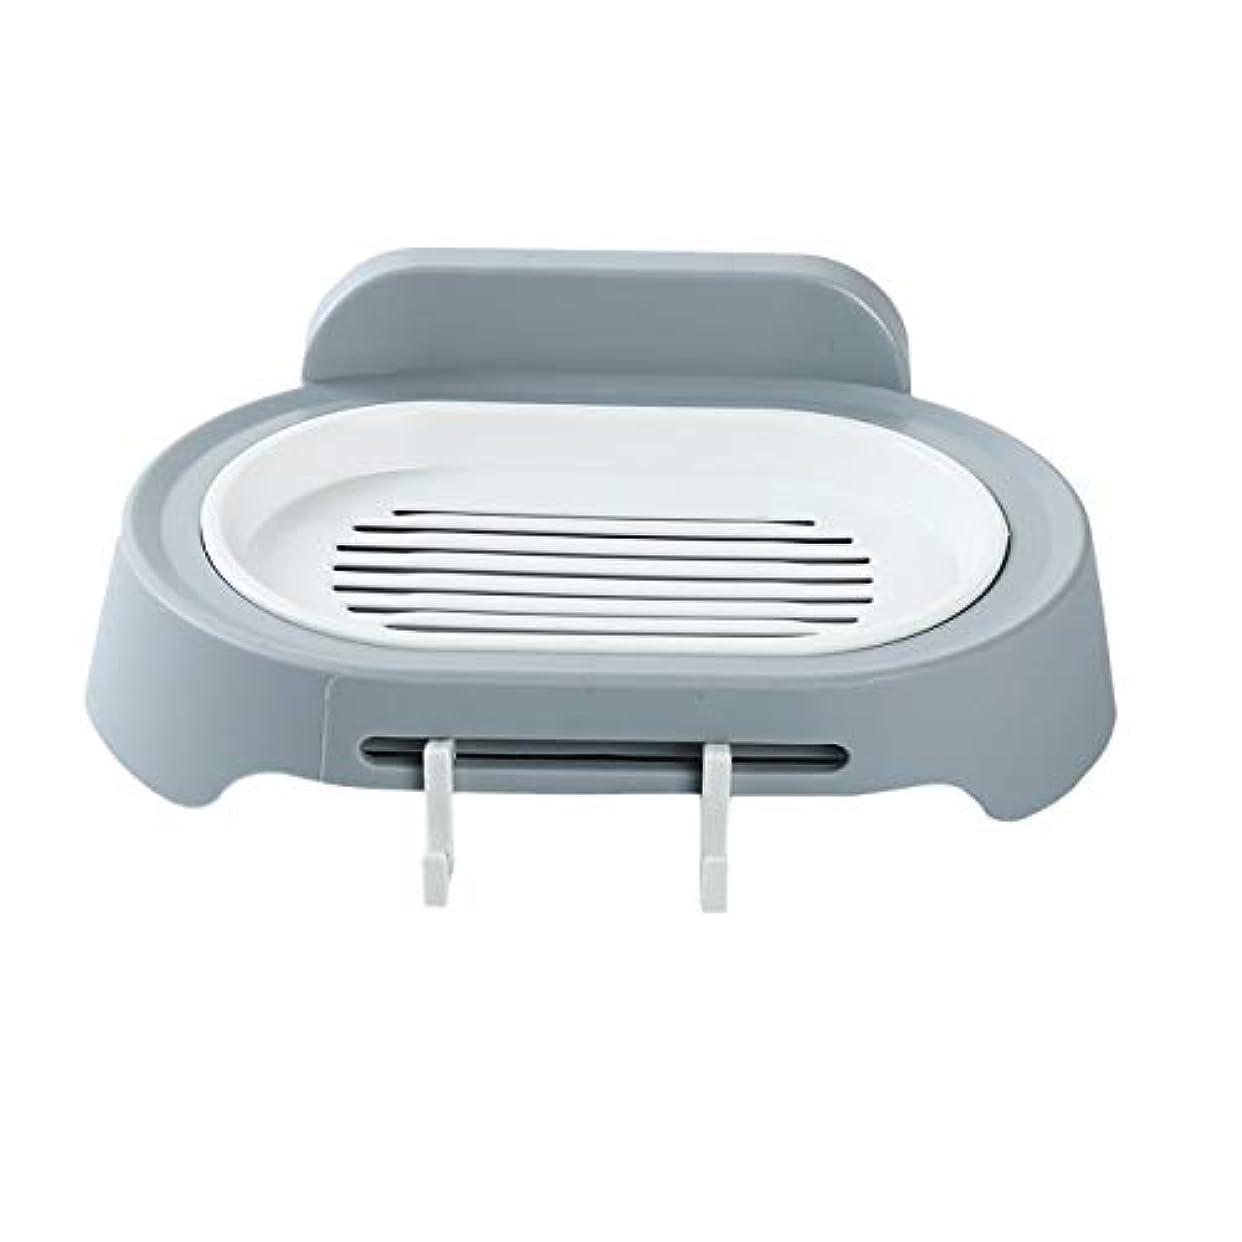 略語祝福する時間厳守ZALING 灰色のホックが付いているの浴室の石鹸の貯蔵の吸引の壁に取り付けられた石鹸のオルガナイザー